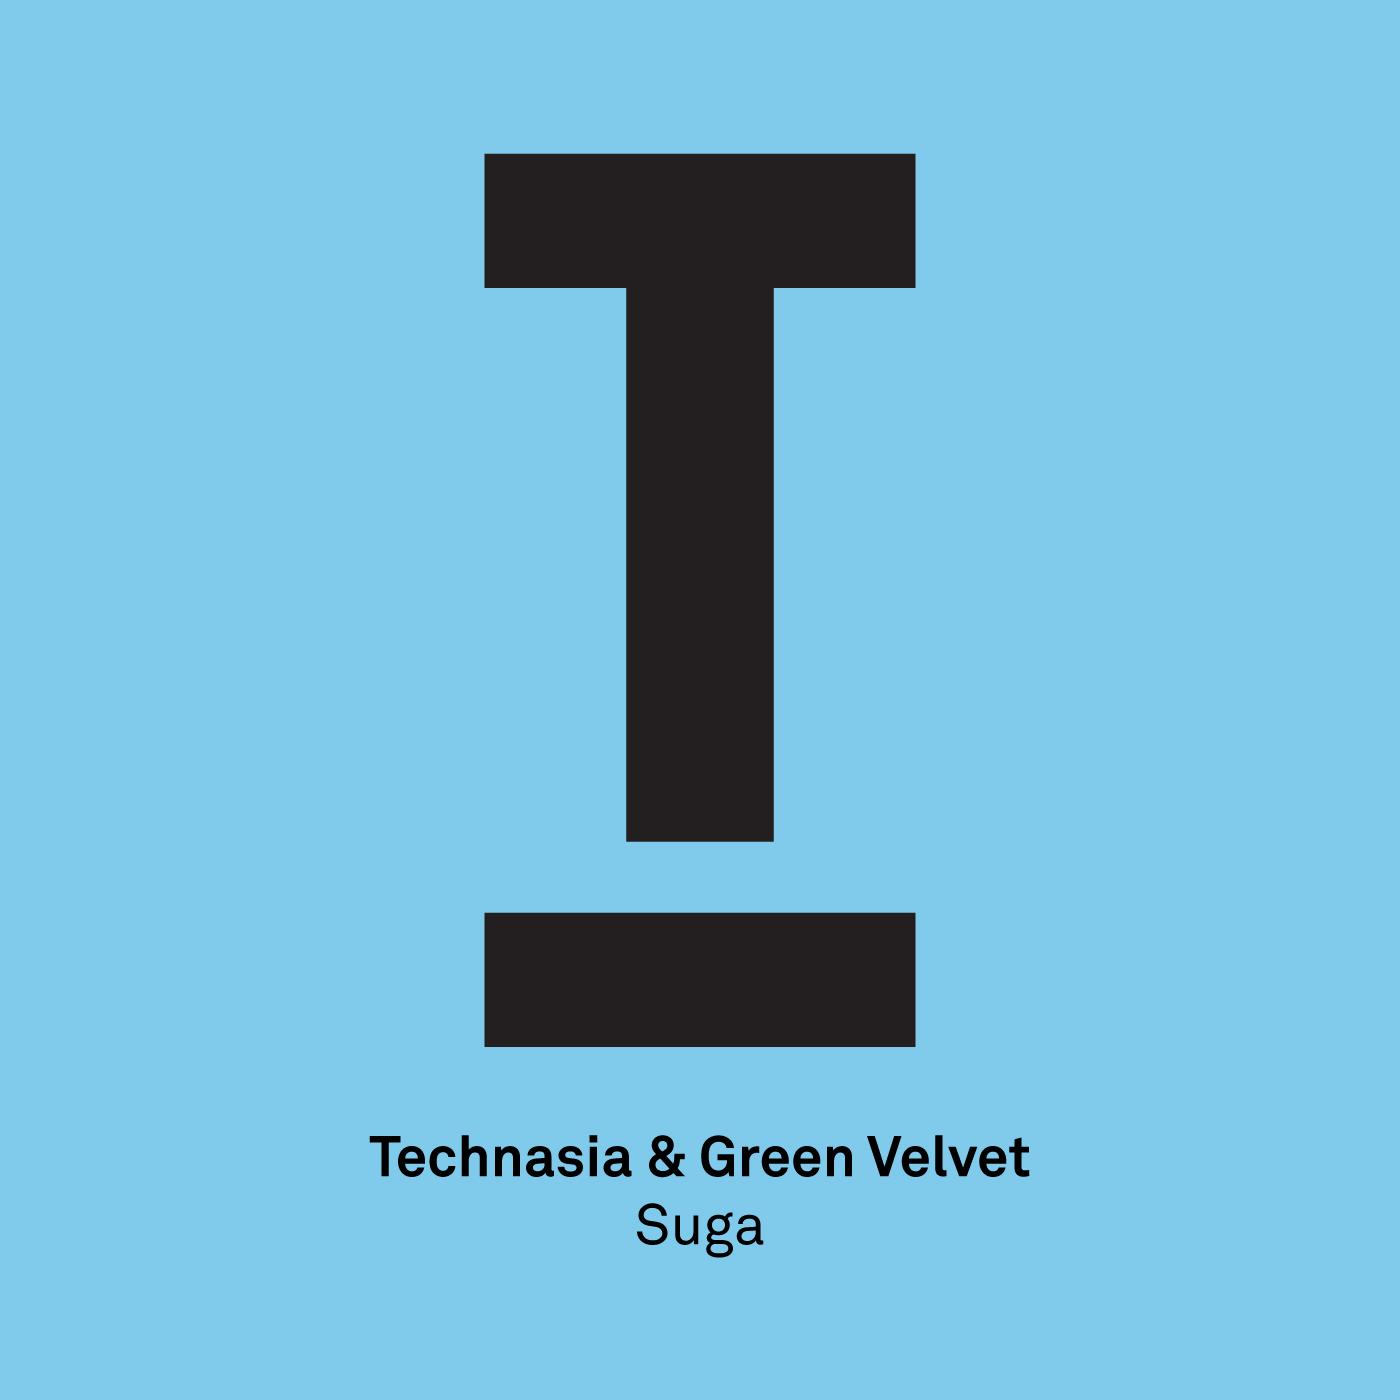 Monster-Kollabo erscheint: Green Velvet & Technasia machen gemeinsame Sache